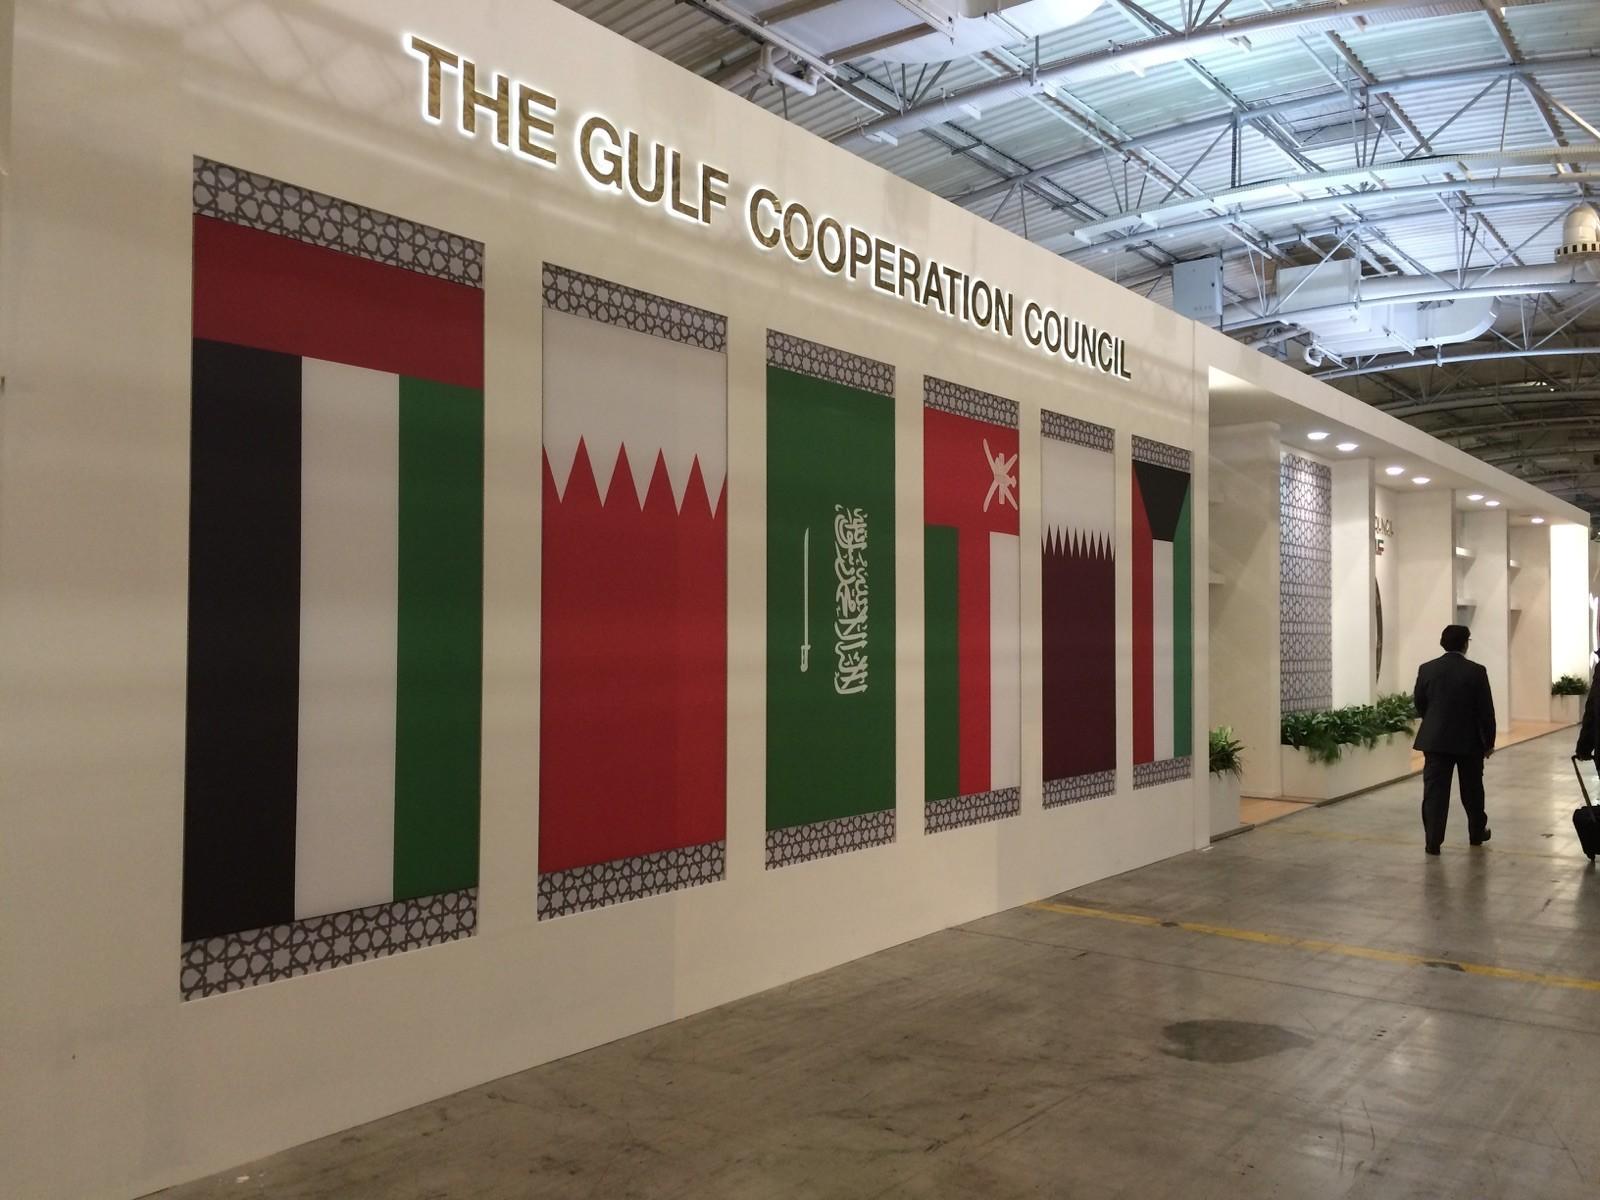 O gabinete do Conselho da Cooperação do Golfo na COP 21, bloco de negociação liderado pela Arábia Saudita (Foto: Rafael Garcia/G1)